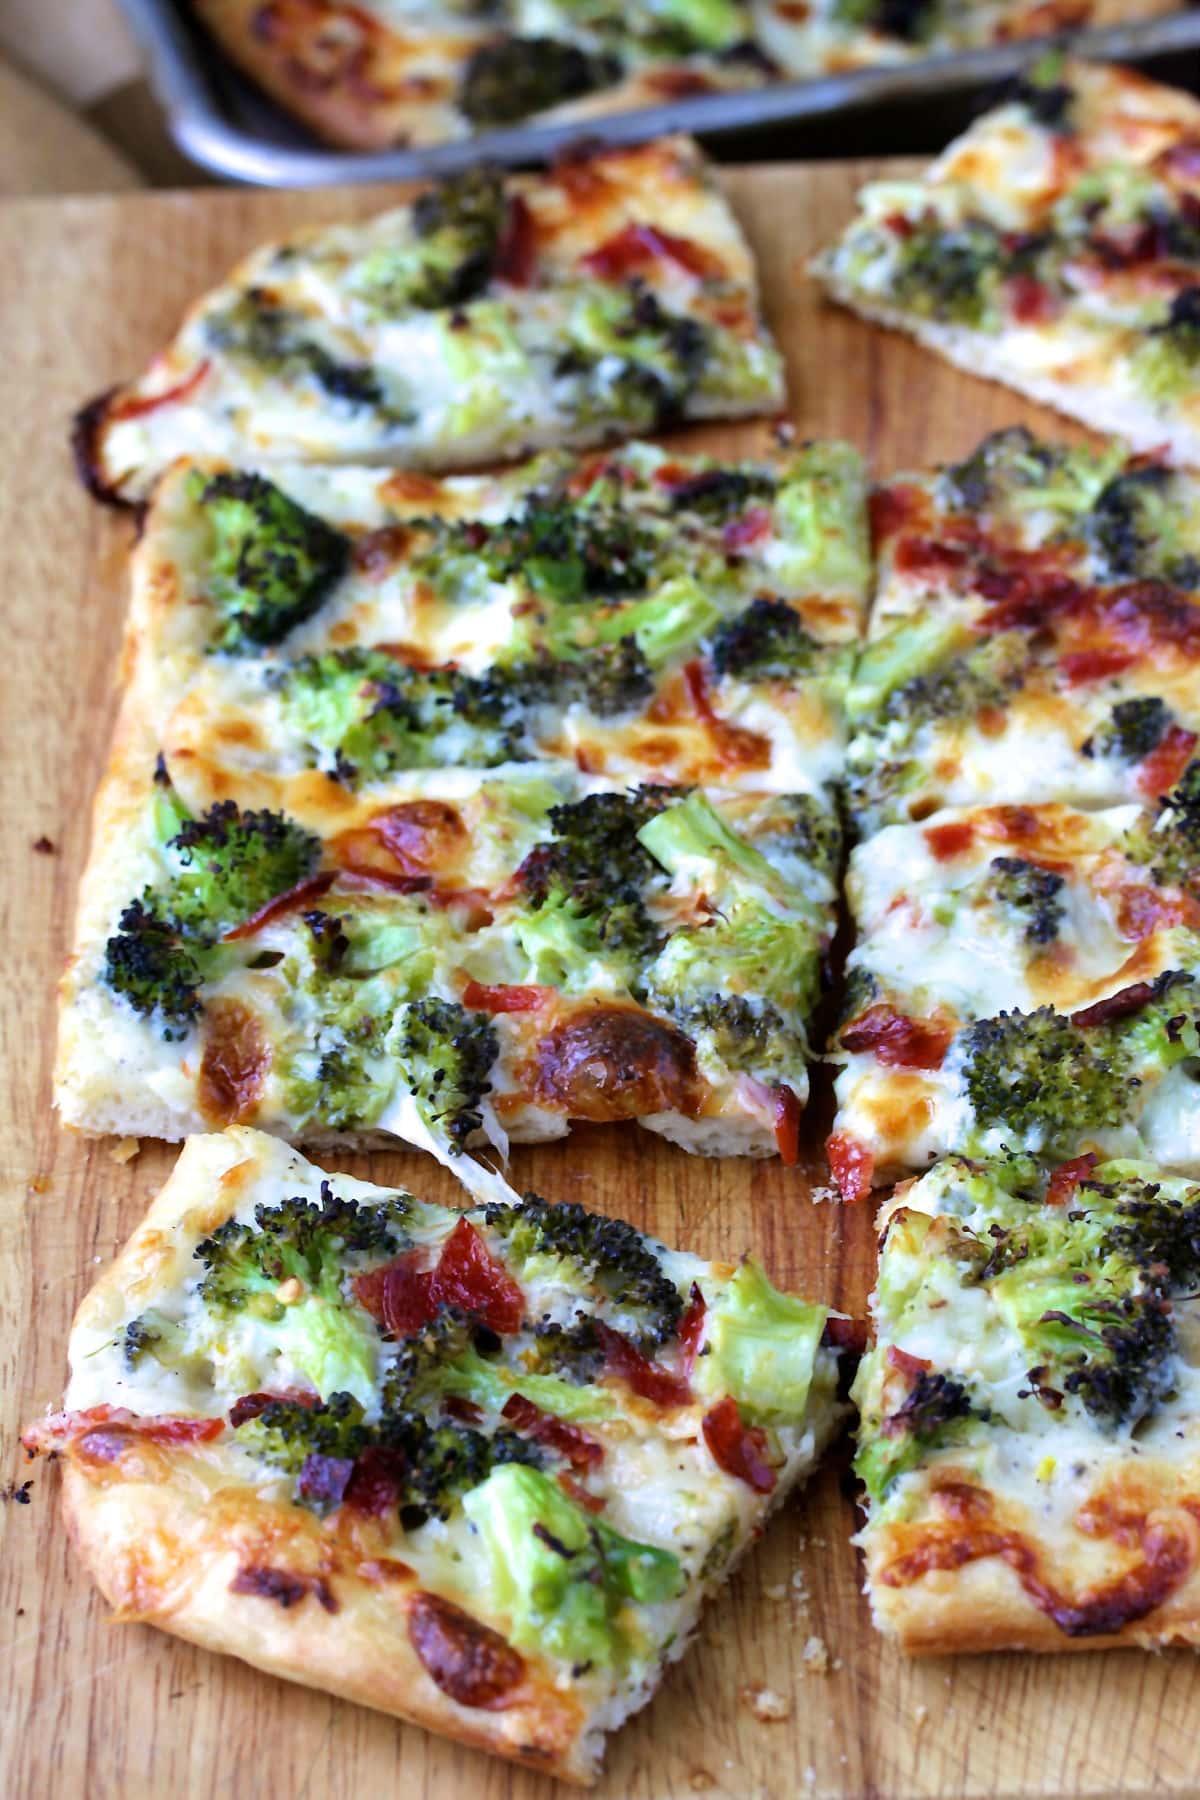 Broccoli Pizza with Provolone, Mozzarella, and Pecorino Romano sliced.